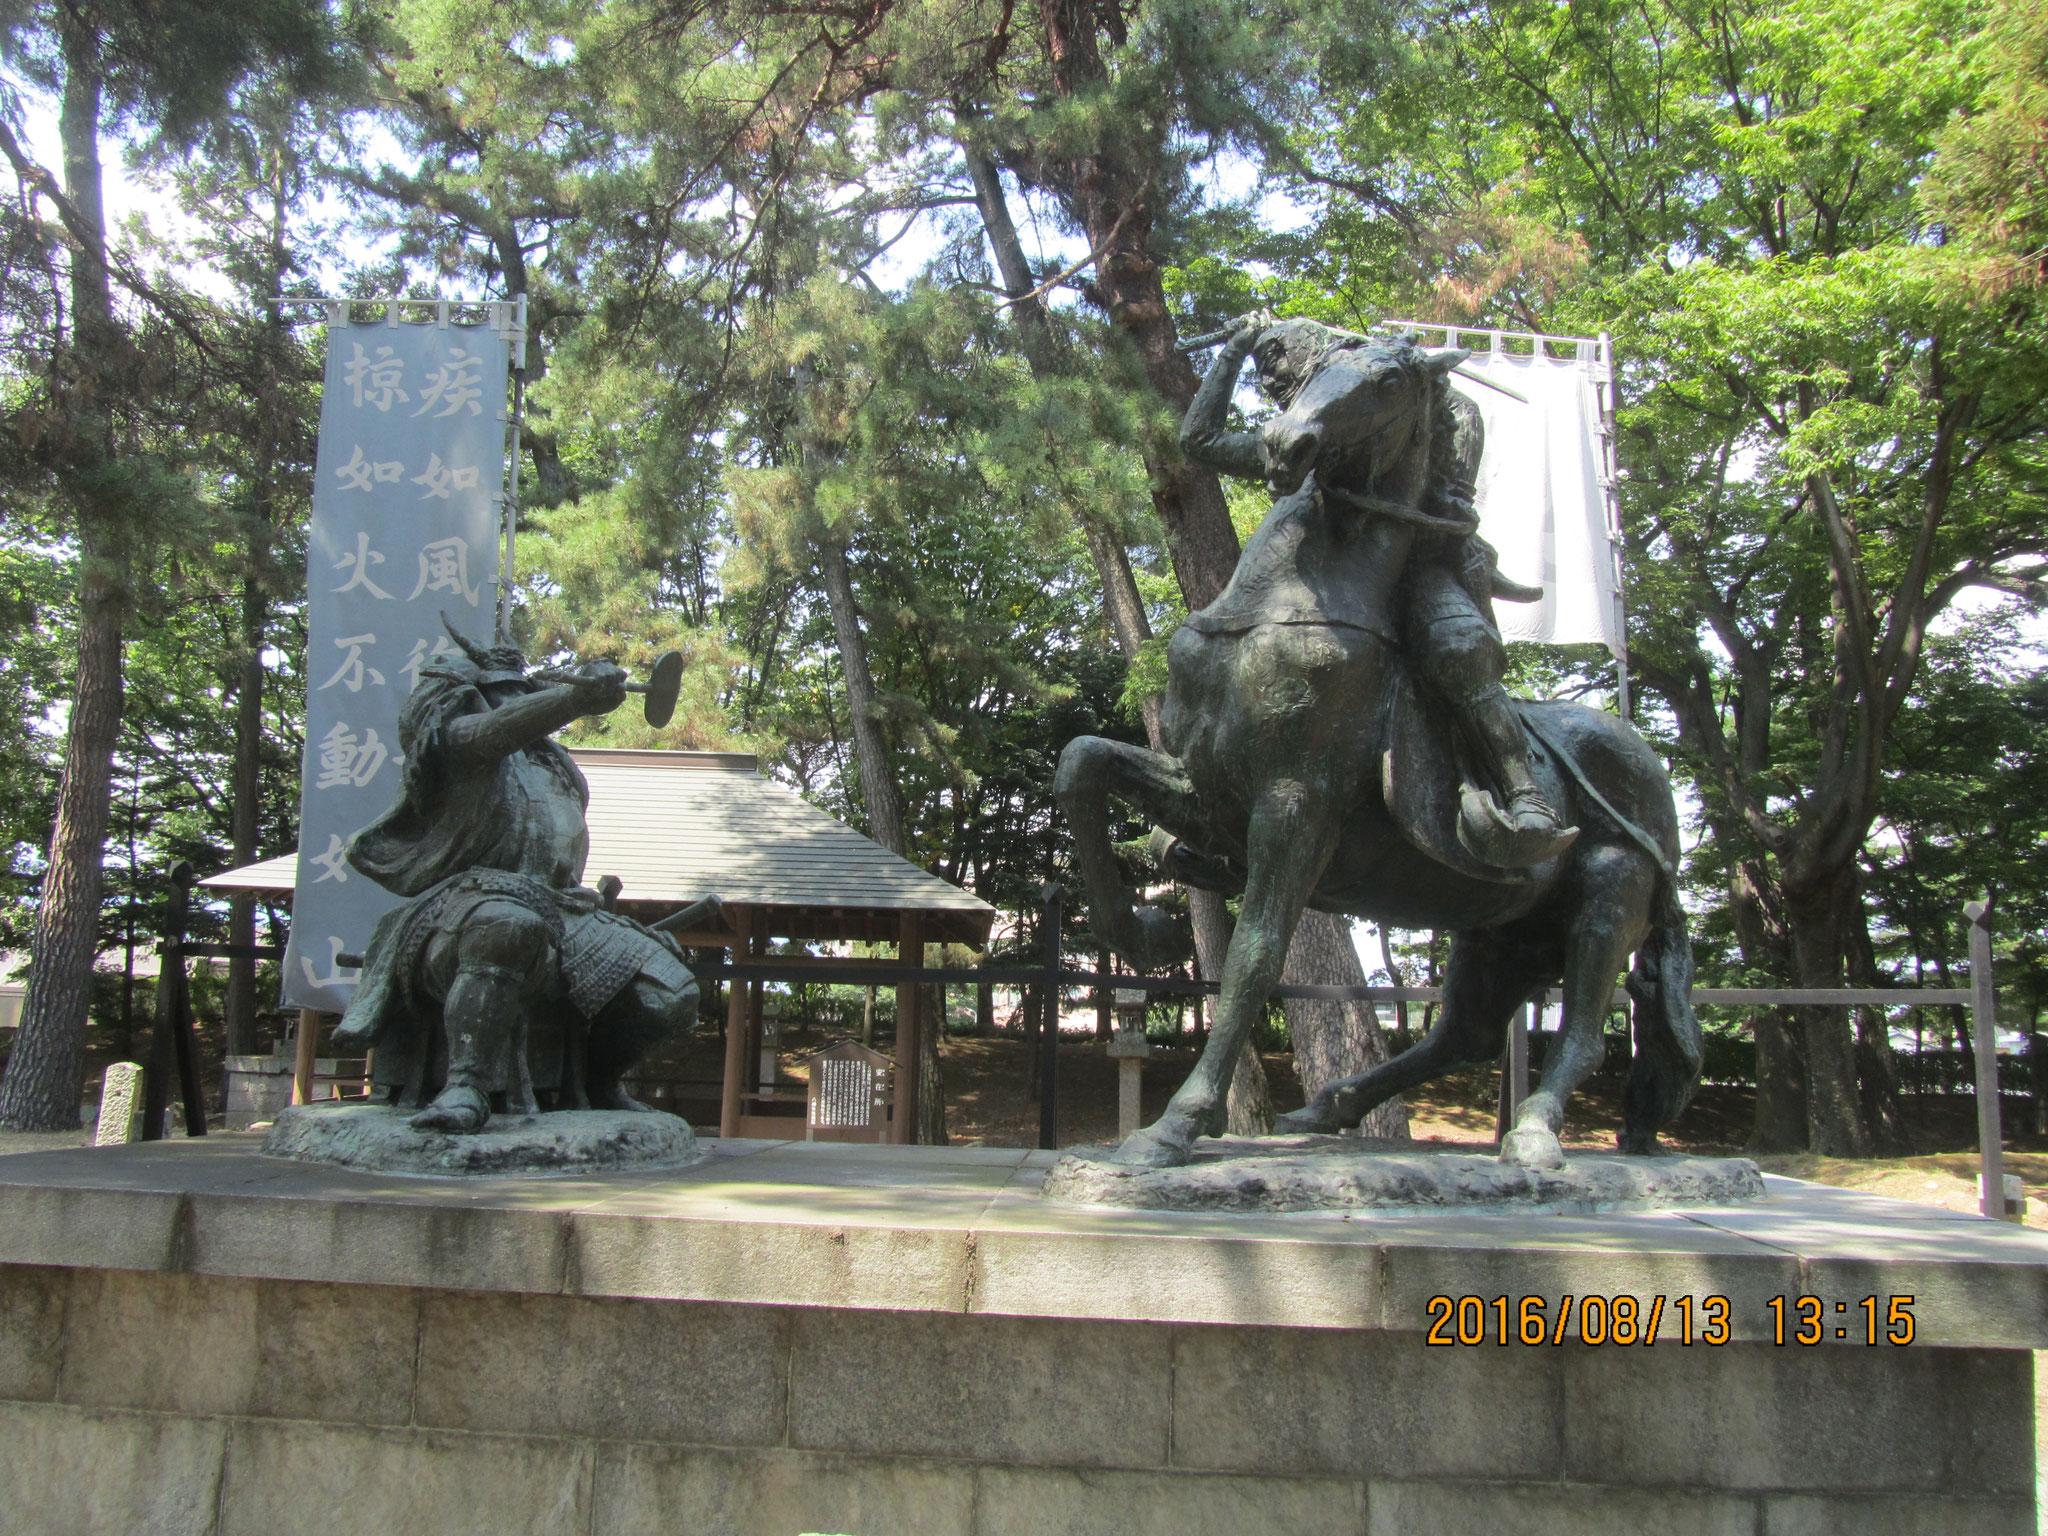 八幡原(はちまんばら)史跡公園にある信玄・謙信一騎討ちの像。永禄4年(1561年)の第四次川中島合戦における両雄激突。